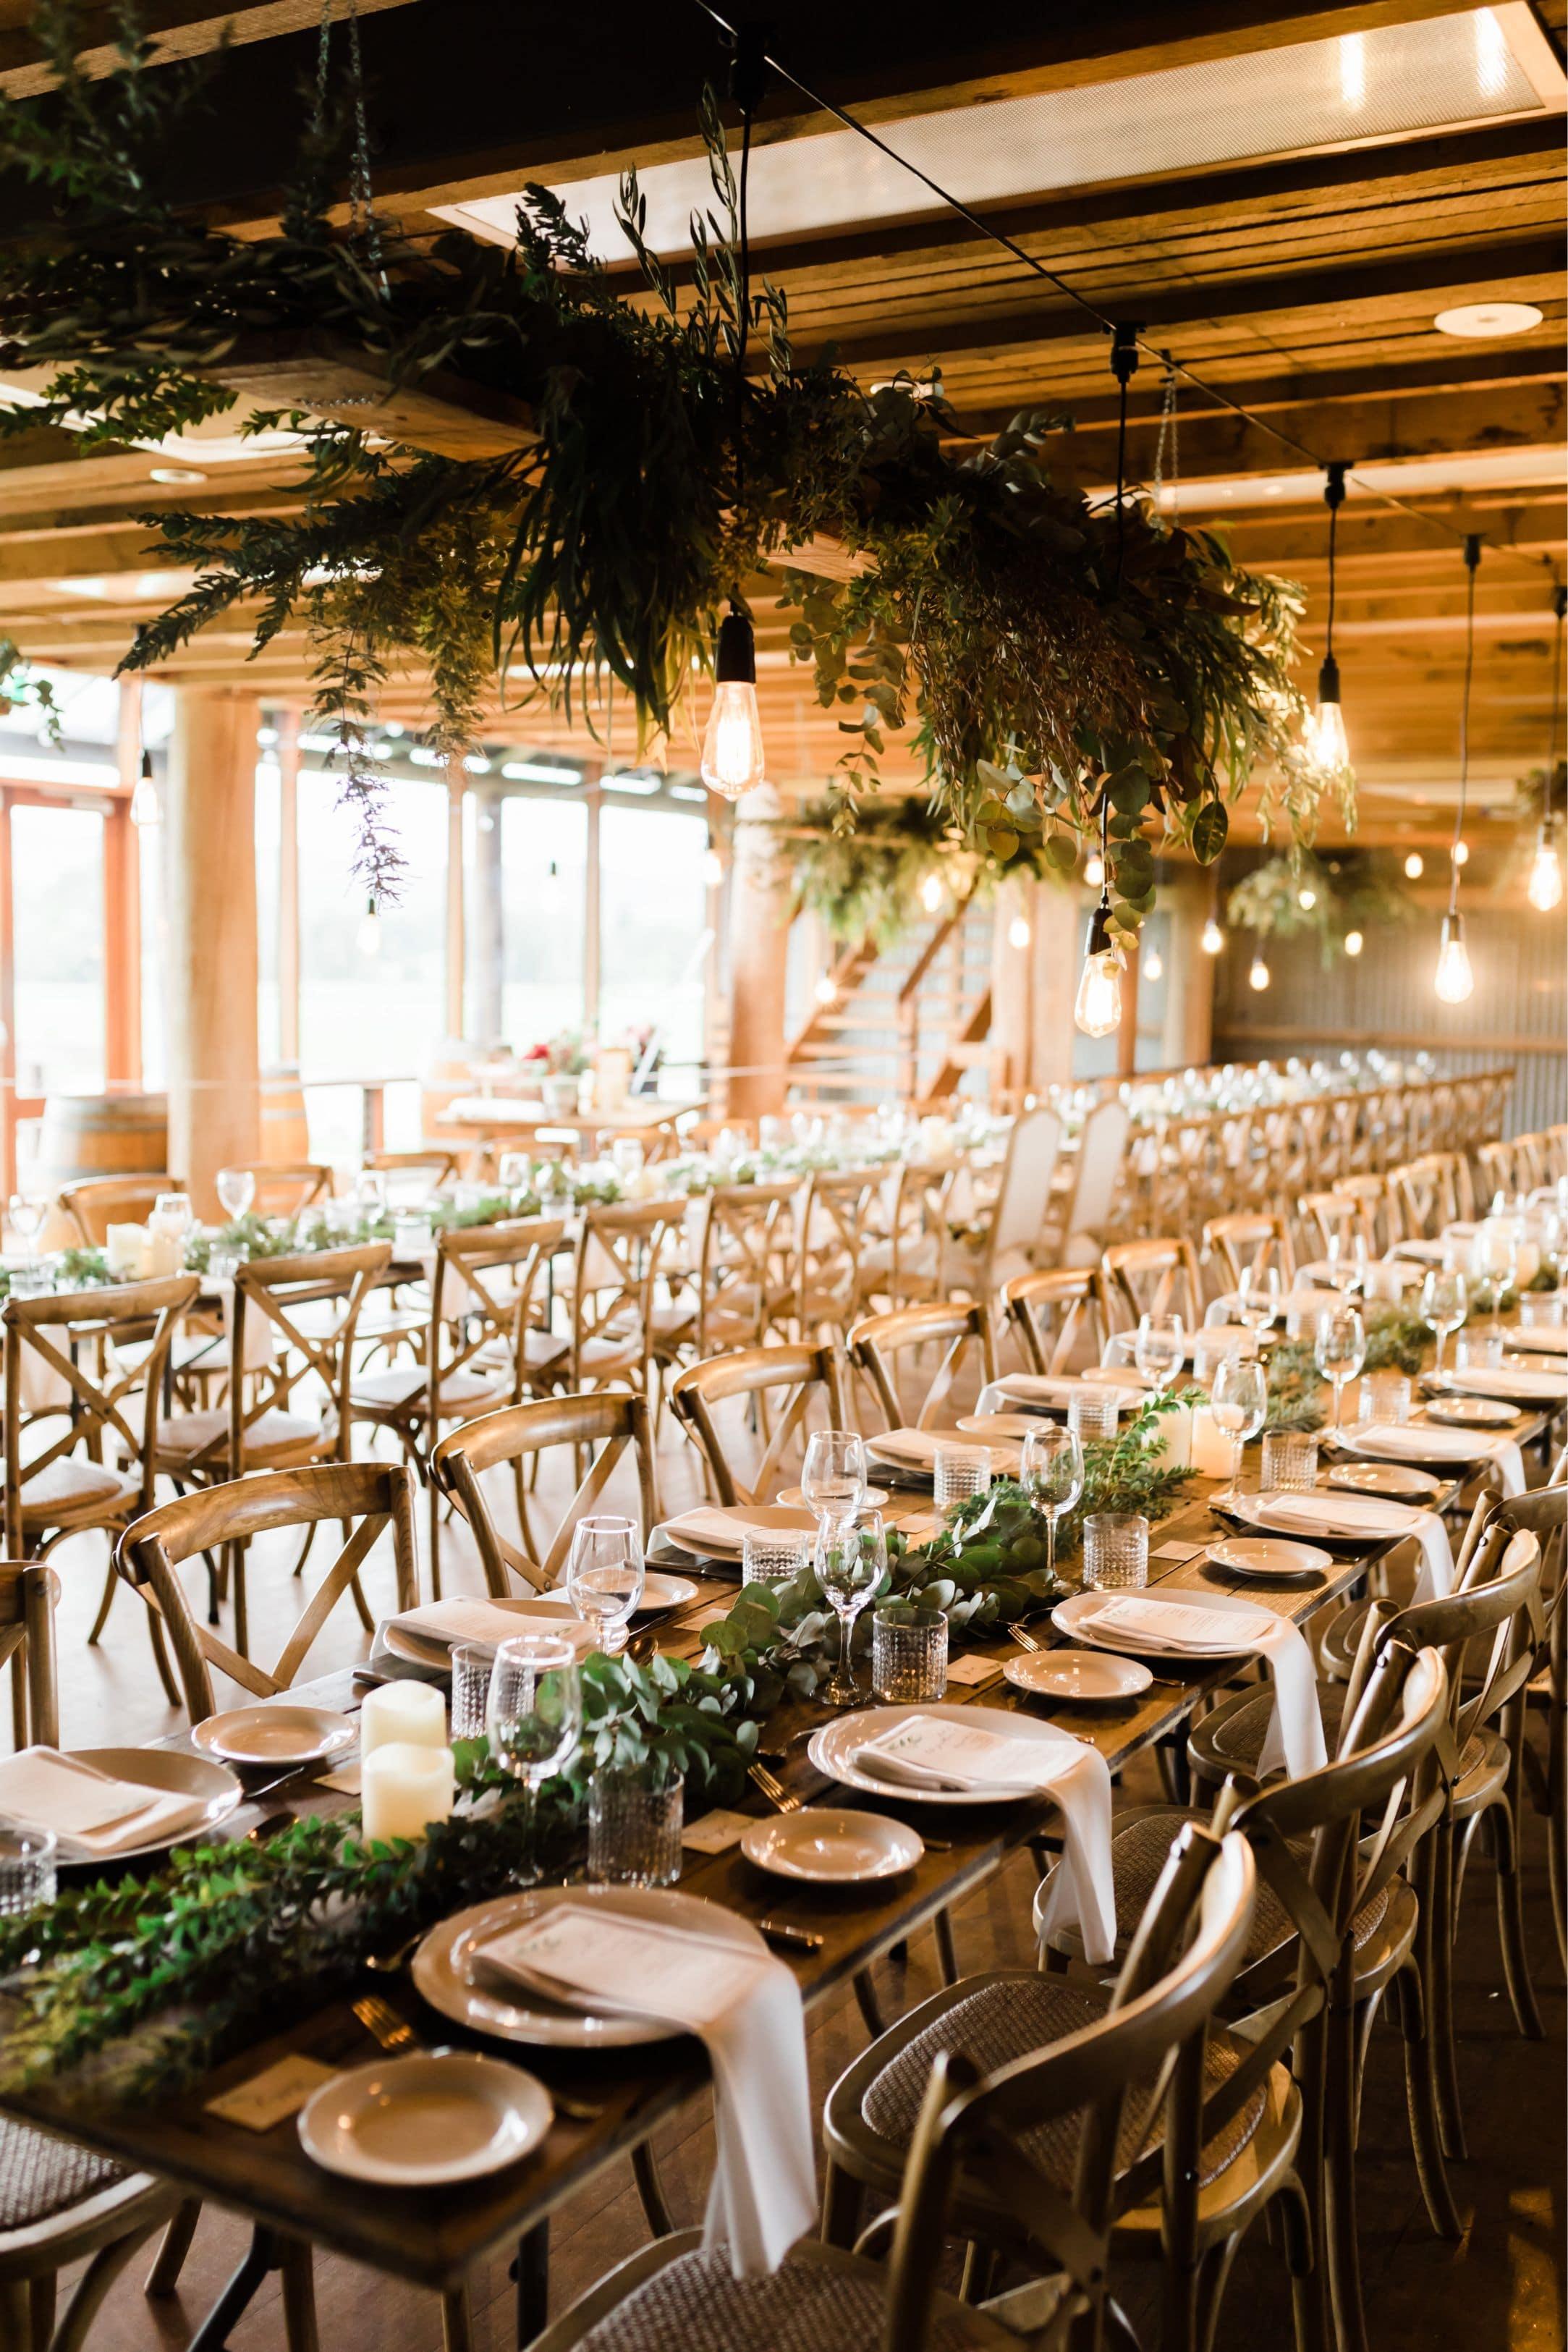 Stylizacja sali weselnej – dlaczego warto zdecydować się na meble dębowe?